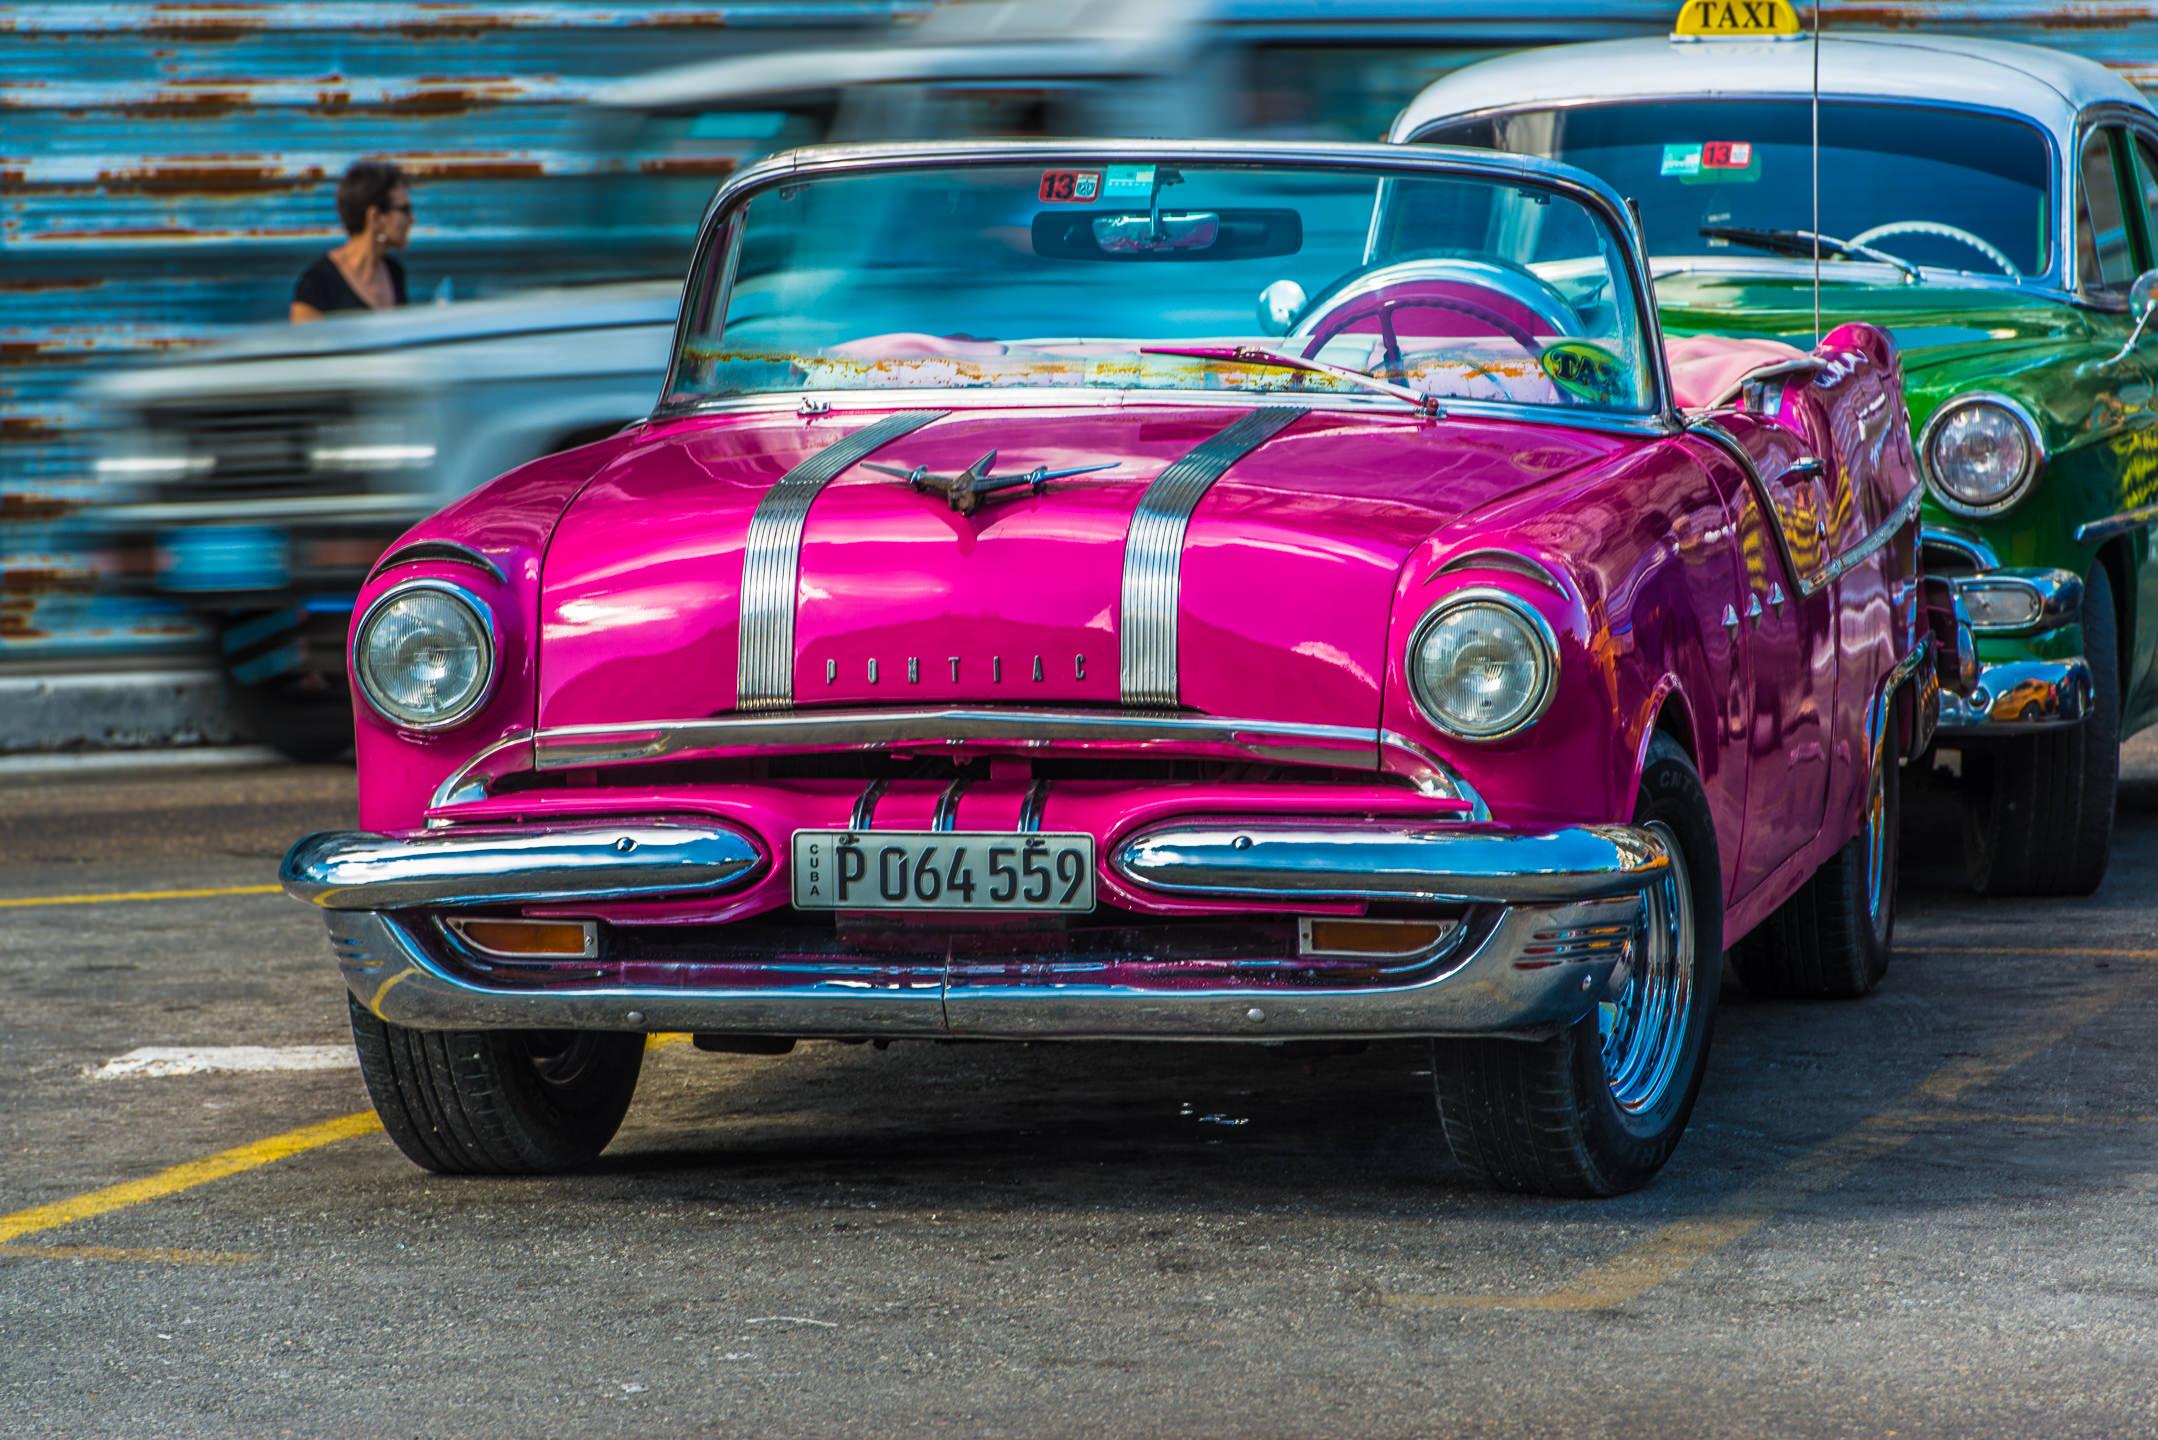 [2013-12-23]_NIKON_D800_Cuba_(9718)[1].jpg